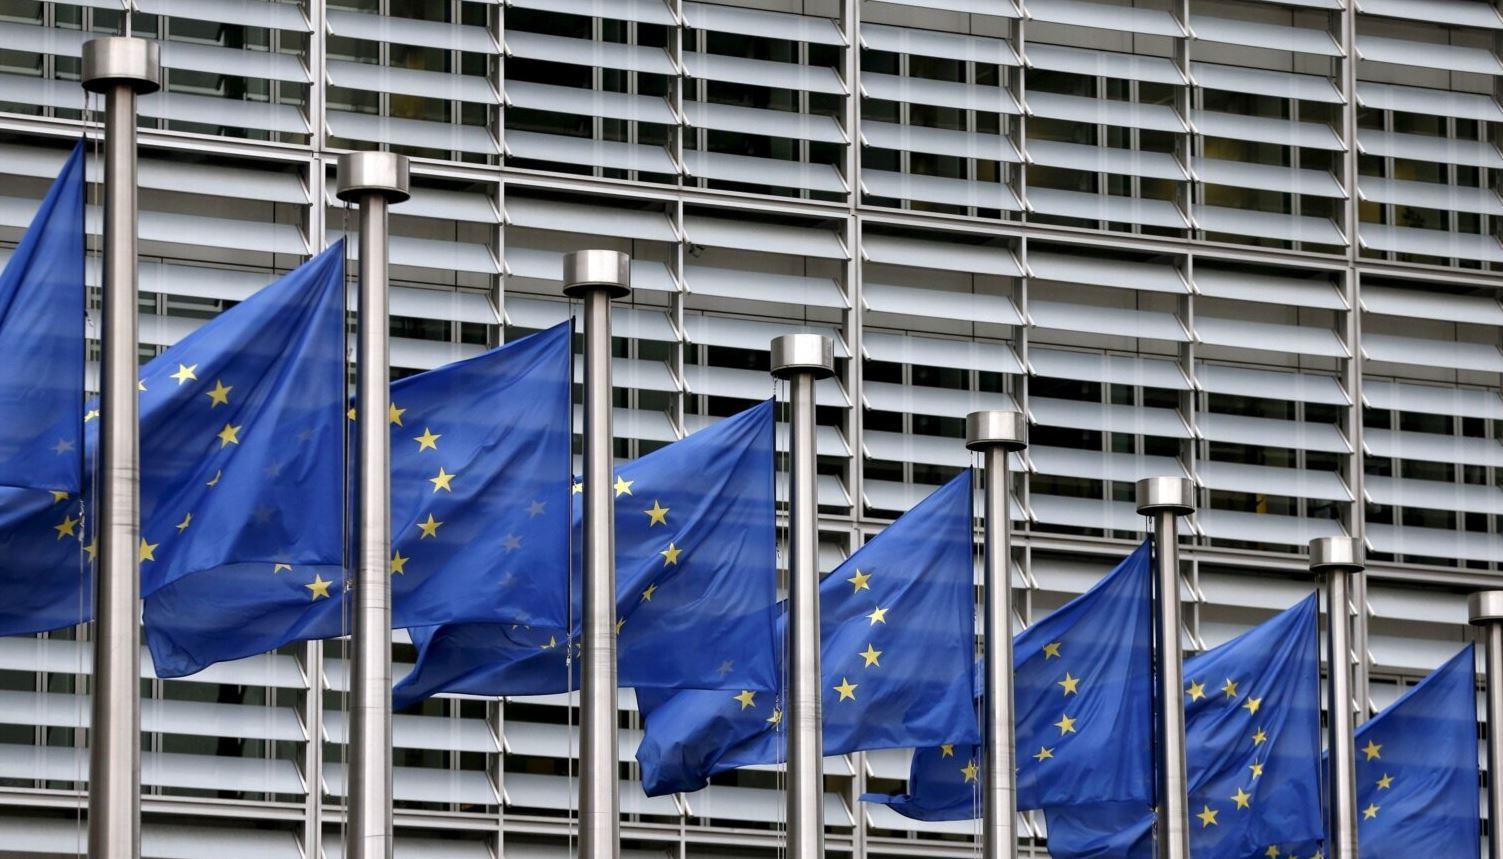 BE shpresë Tiranës e Shkupit për negociatat, ekspertët: Sinjale të mira nga Biden